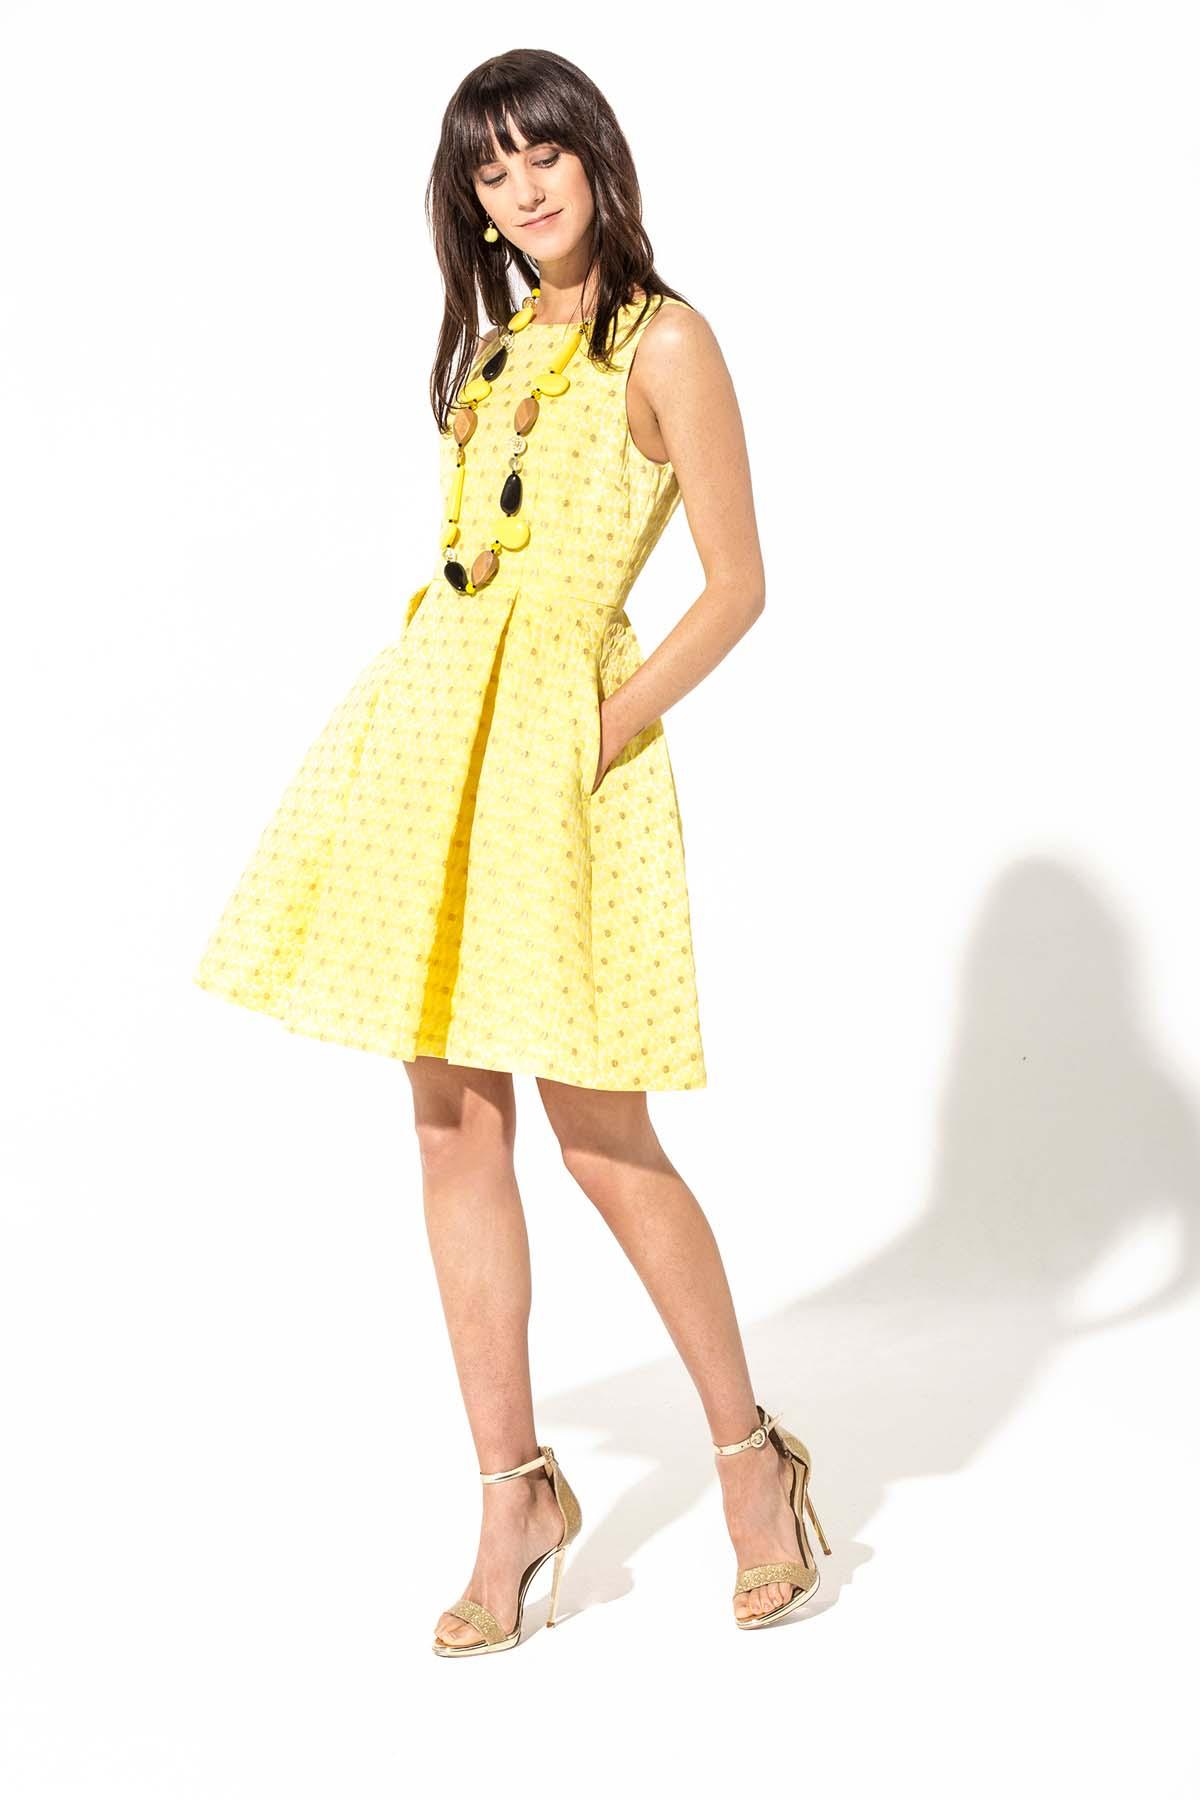 Teria Yabar - Vestido Orsay